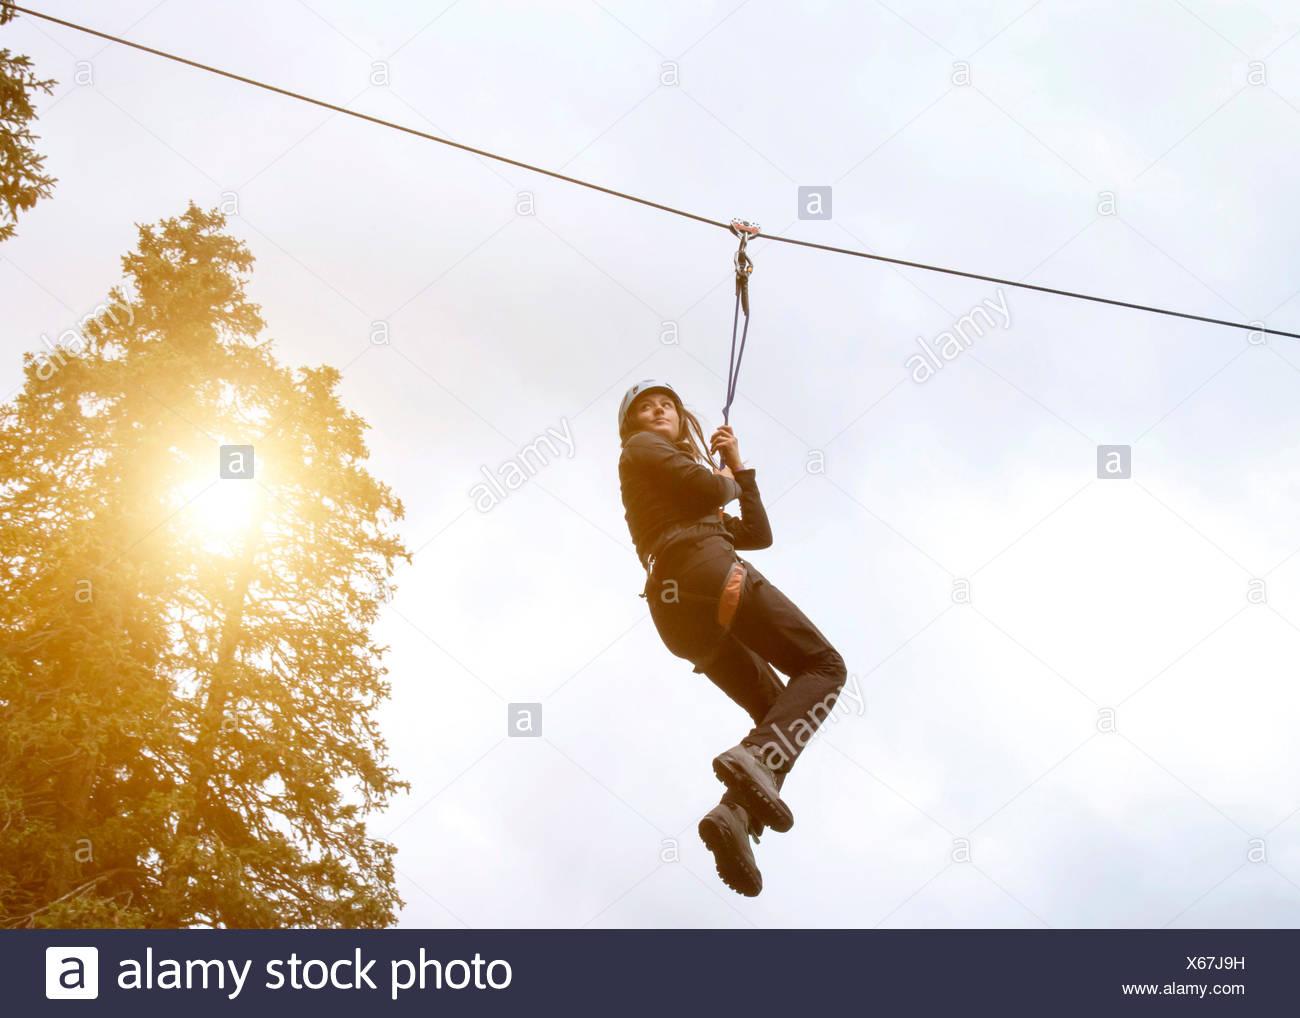 Adolescente en zip cable Imagen De Stock